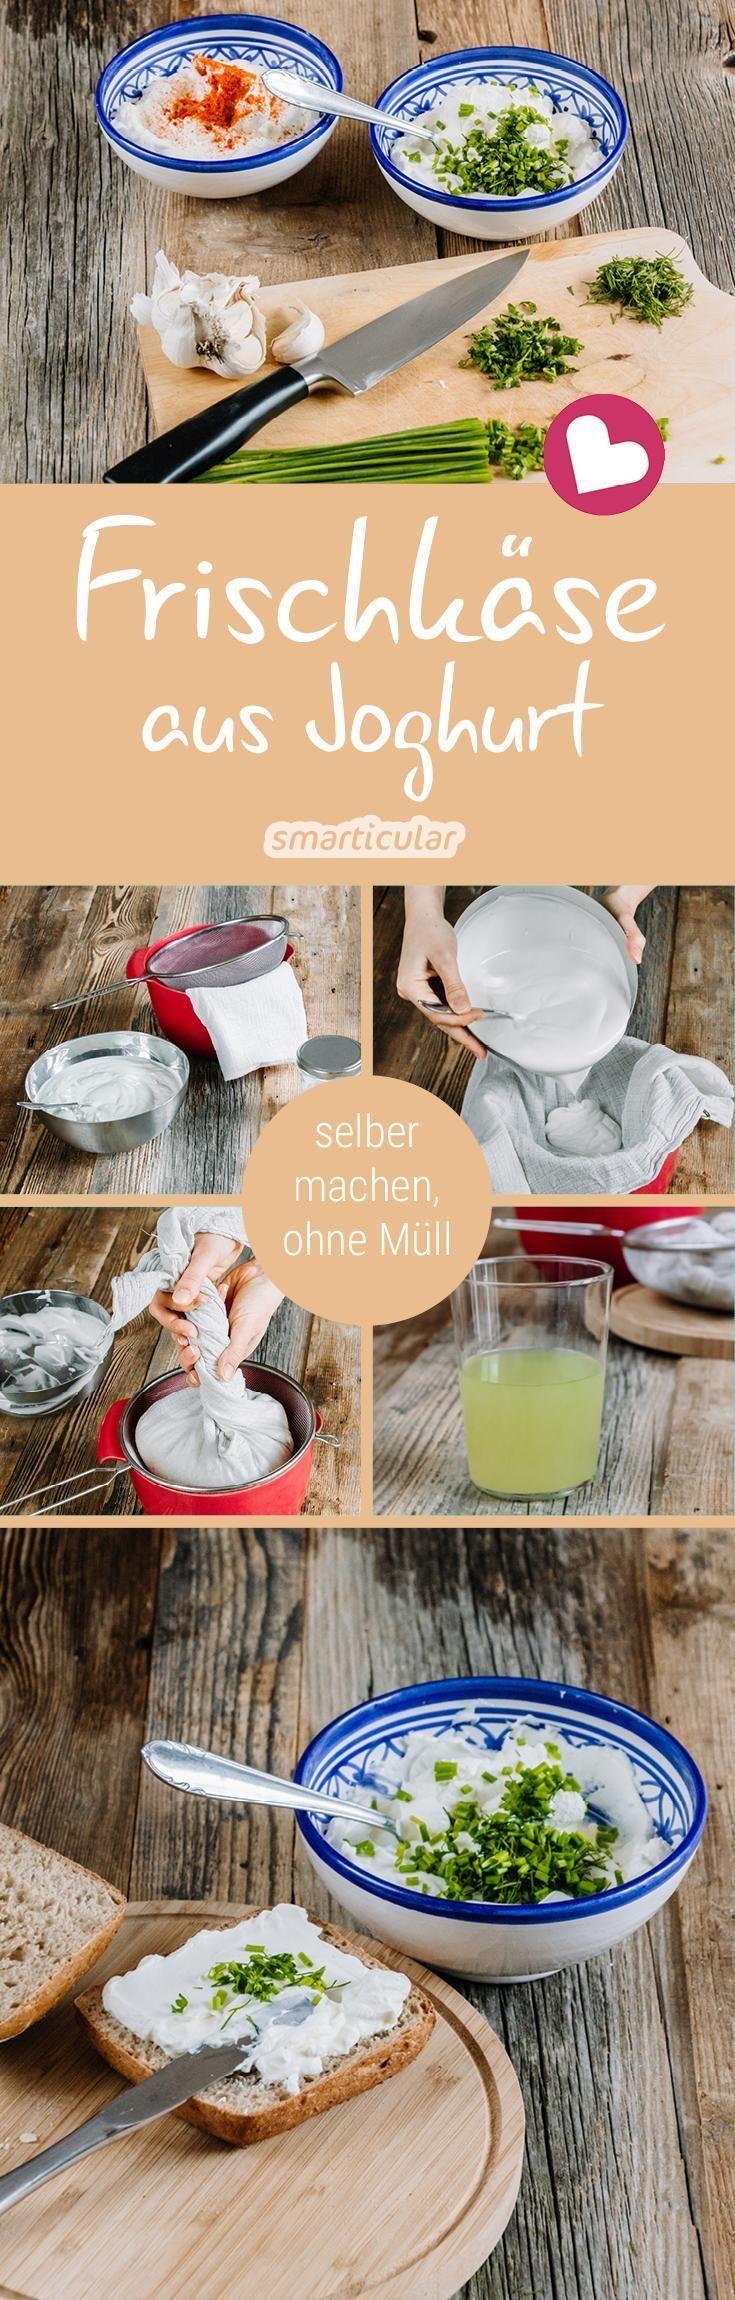 Frischkäse selber machen aus Joghurt - ohne Plastik